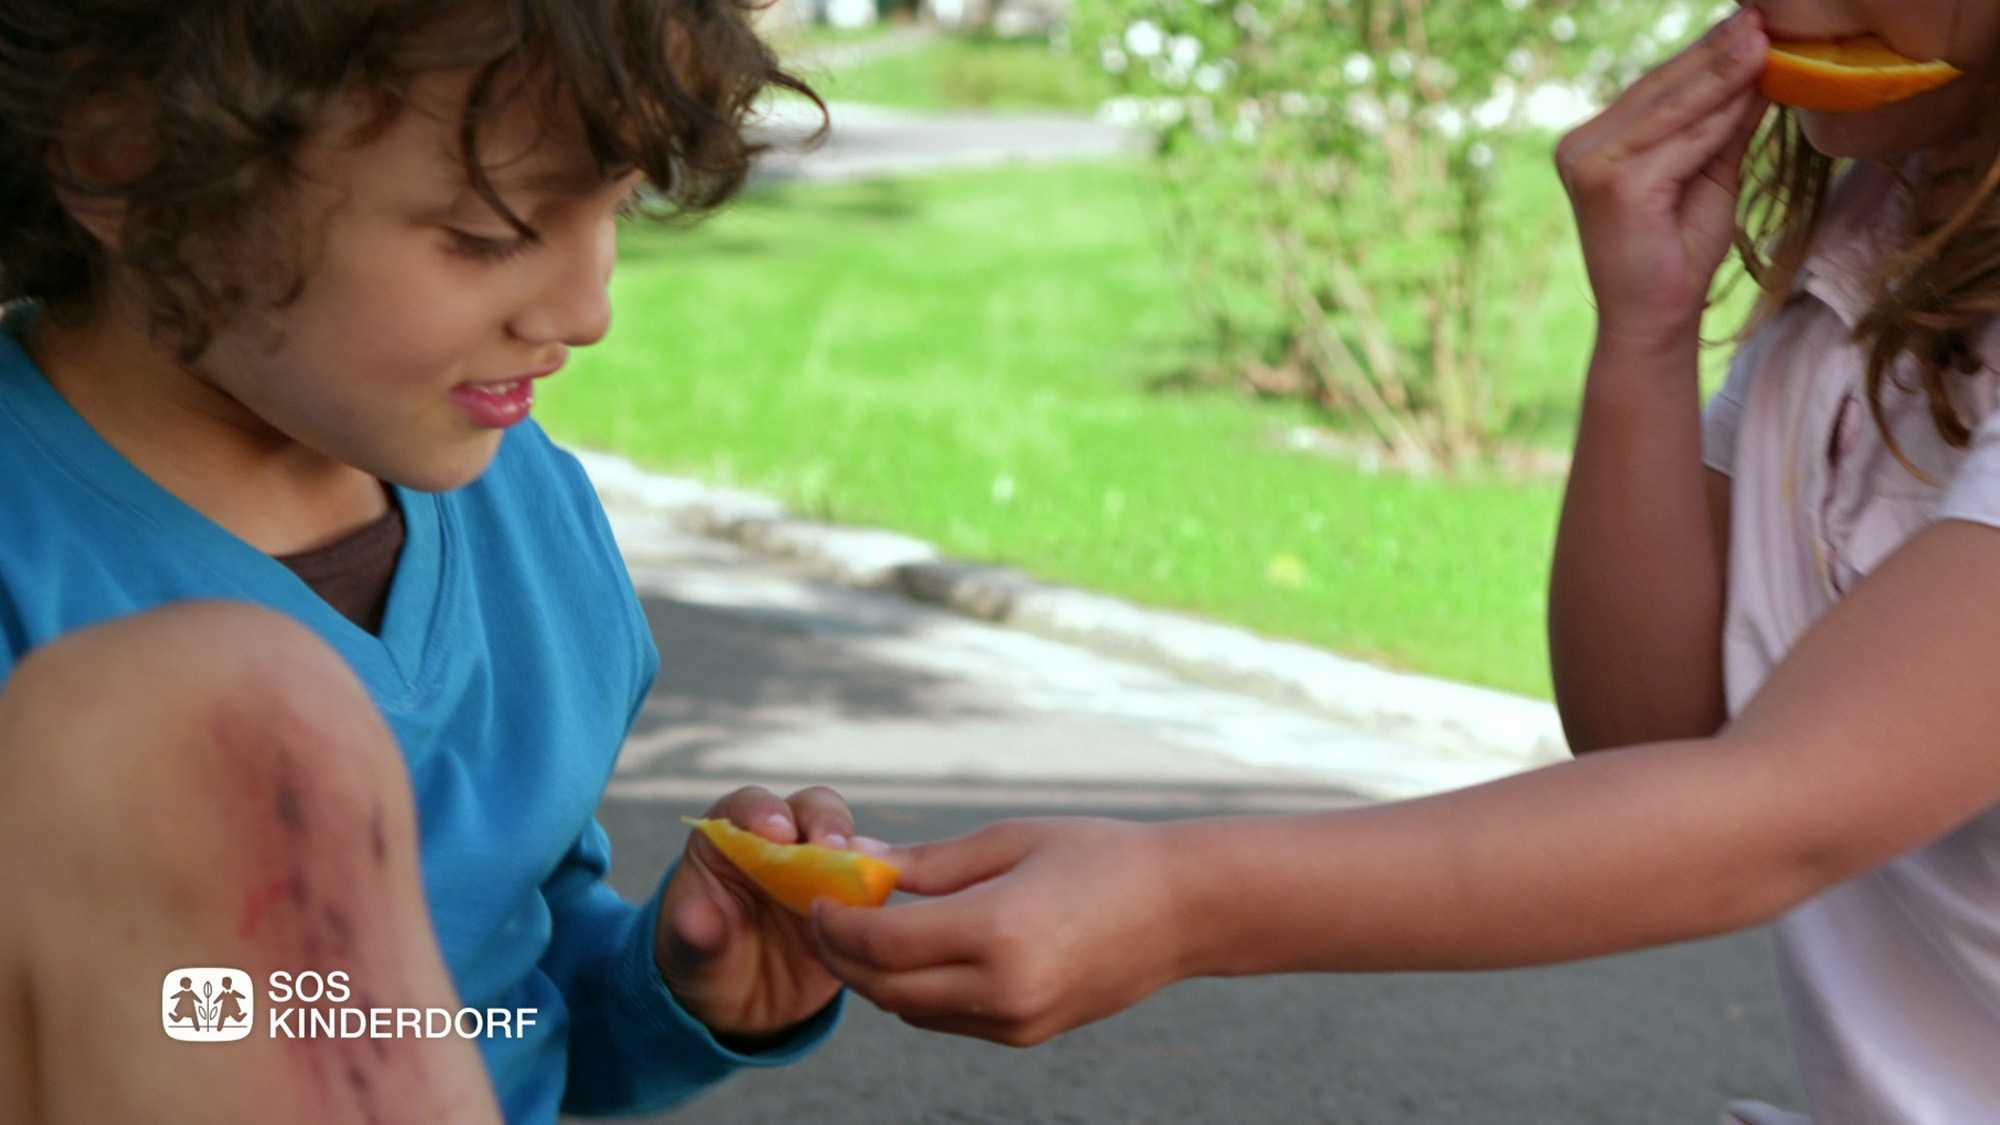 Das Bild zeigt zwei Kinder. Auf der rechten Seite steht ein Mädchen, es streckt eine Orange zu einem Jungen der auf der linken Seite steht hin. Dahinter ist eine Wiese zu erkennen. Das Bild dient als Sliderbild für den Portfolioeintrag SOS-Kinderdorf Sommer von Panda Pictures.